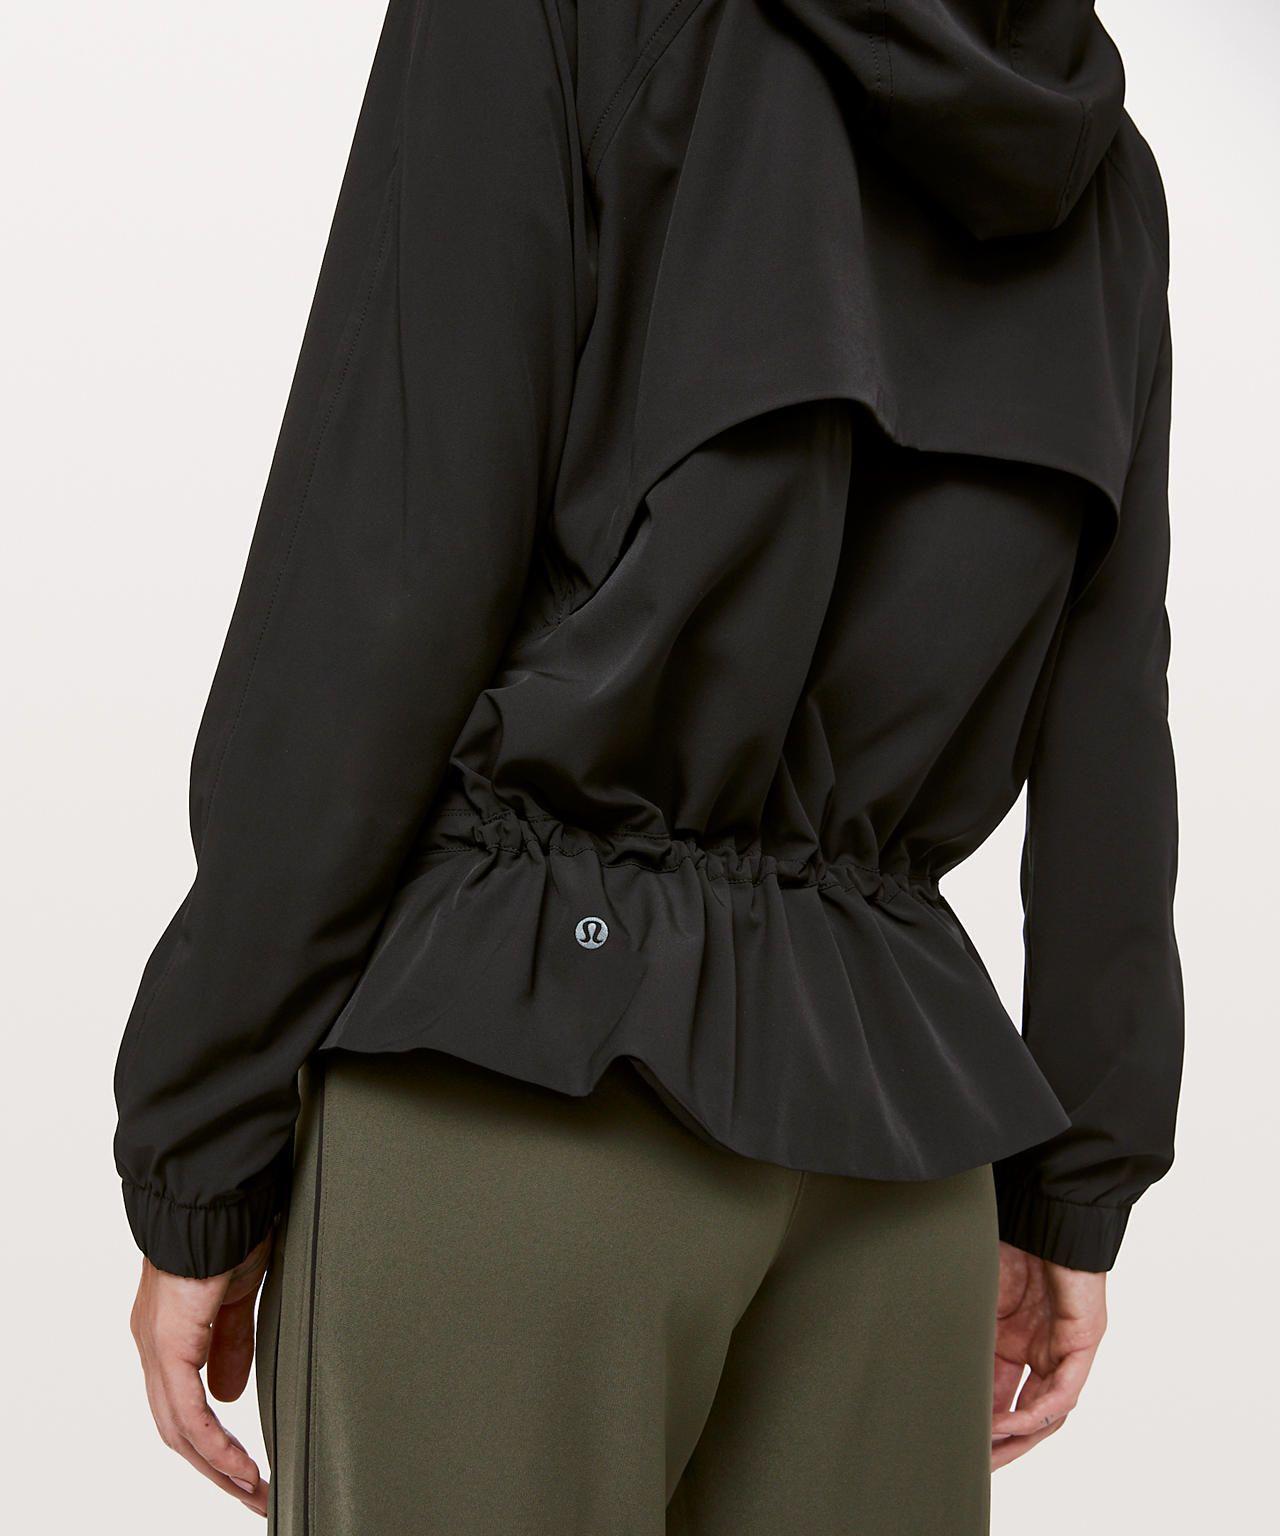 Pack It Up Jacket Women S Jackets Outerwear Lululemon Jackets For Women Outerwear Jackets Women [ 1536 x 1280 Pixel ]